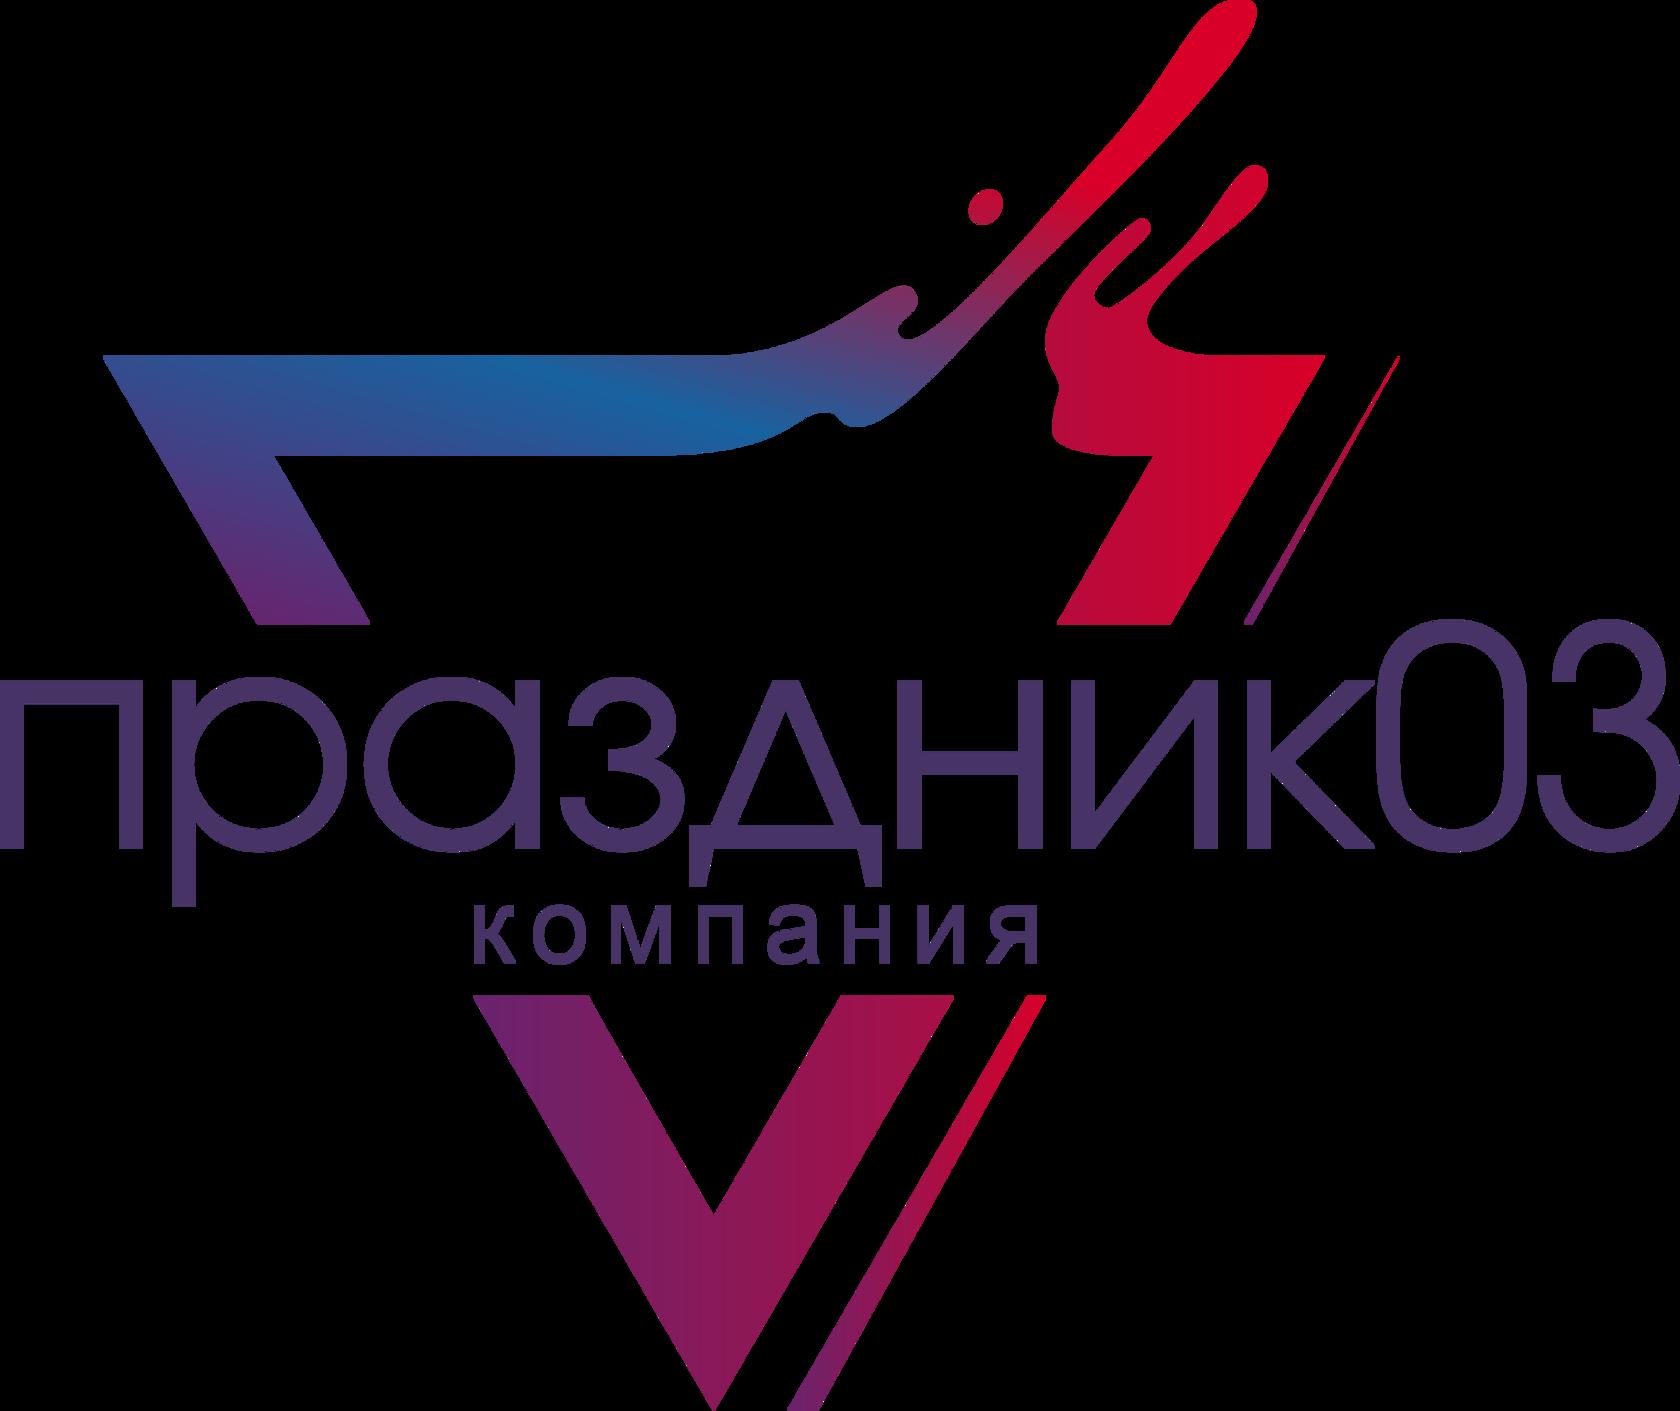 Event компания Праздник-03